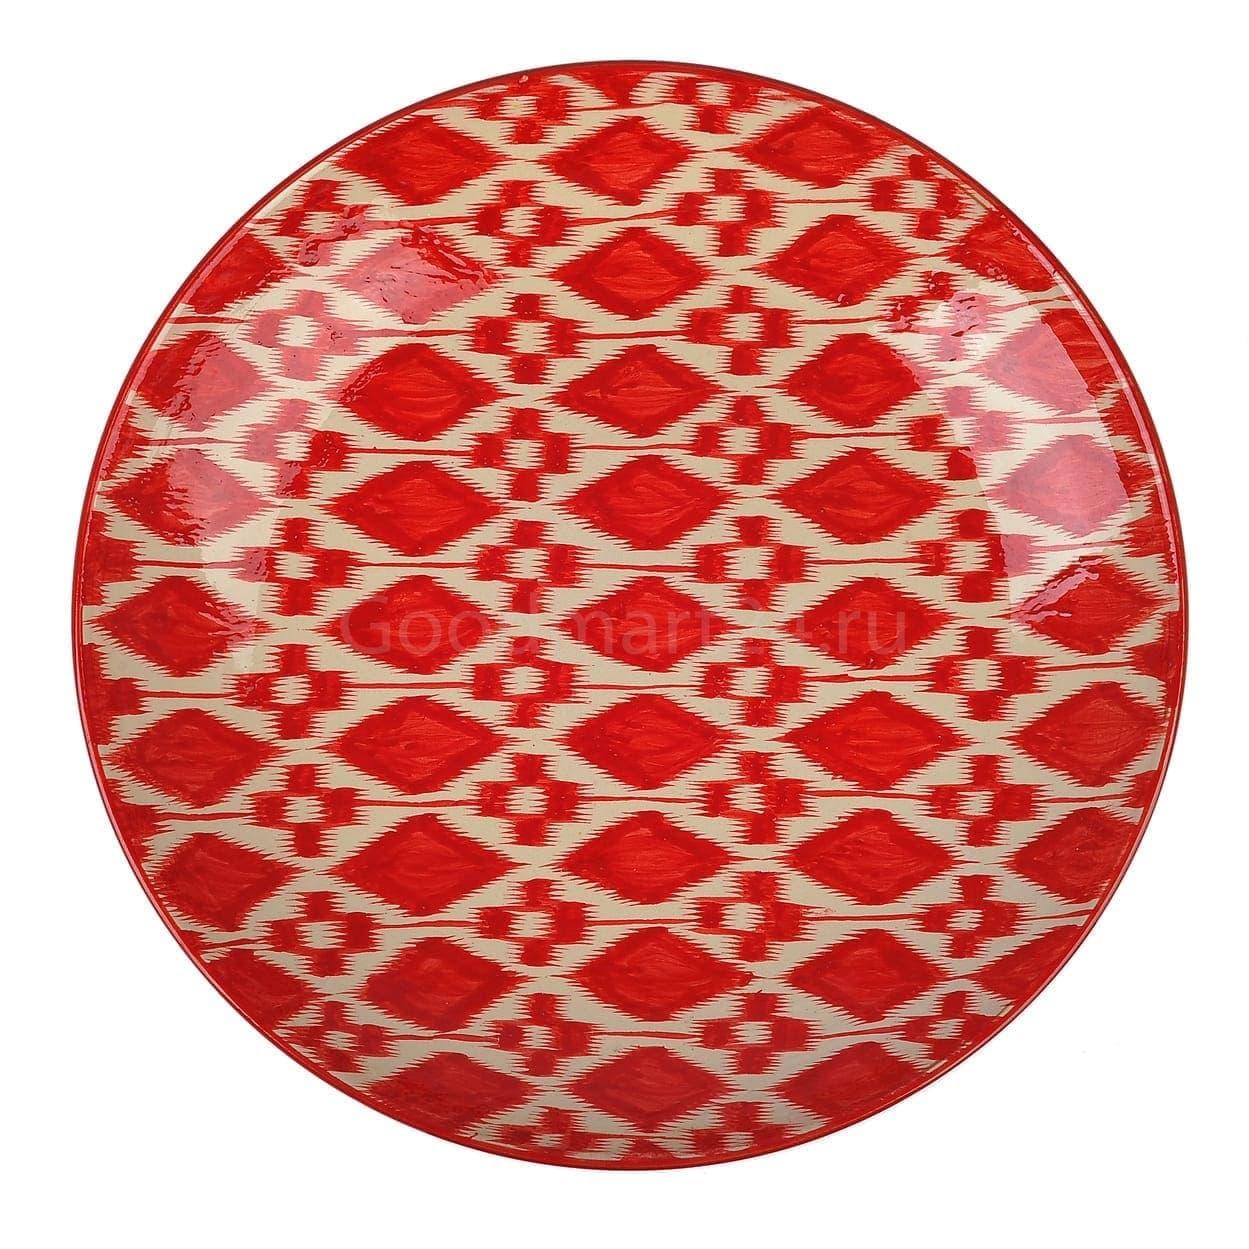 Ляган Риштанская Керамика 38 см. плоский, Красный Атлас - фото 9383